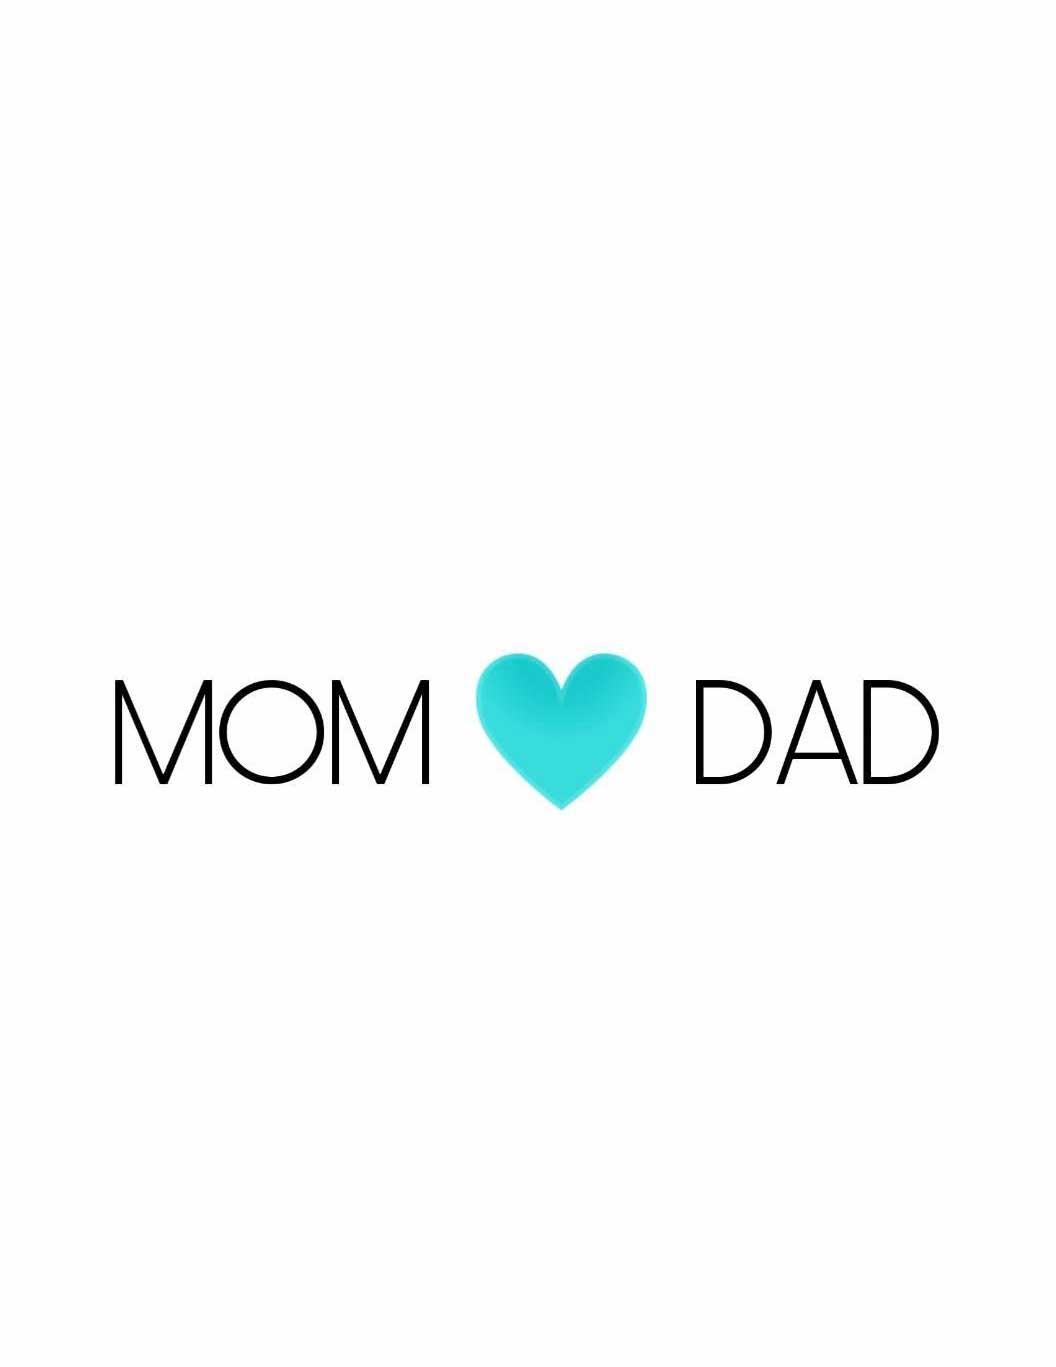 Mom Dad Whatsapp DP Pics Photo